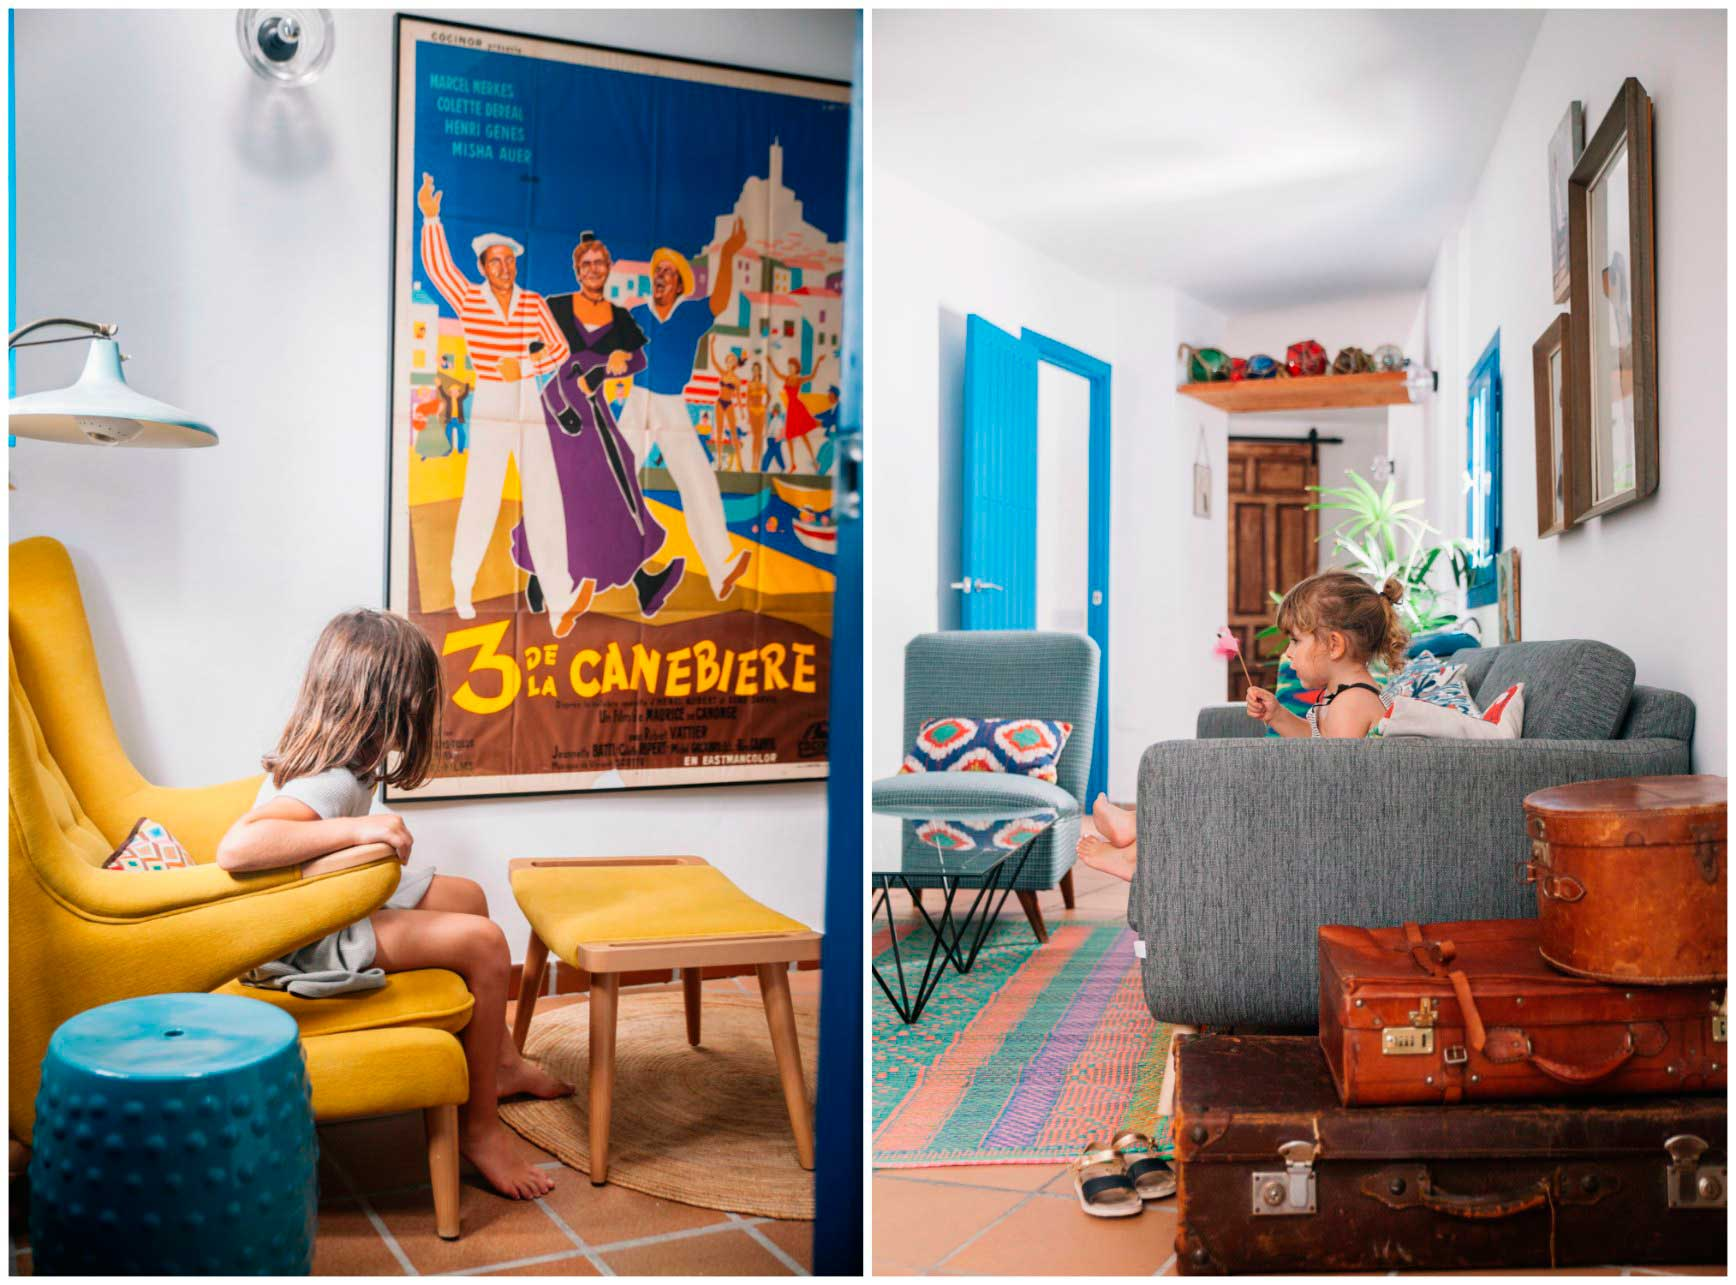 Alojamiento Cabo de Gata - Airbnb_claraBmartin_17